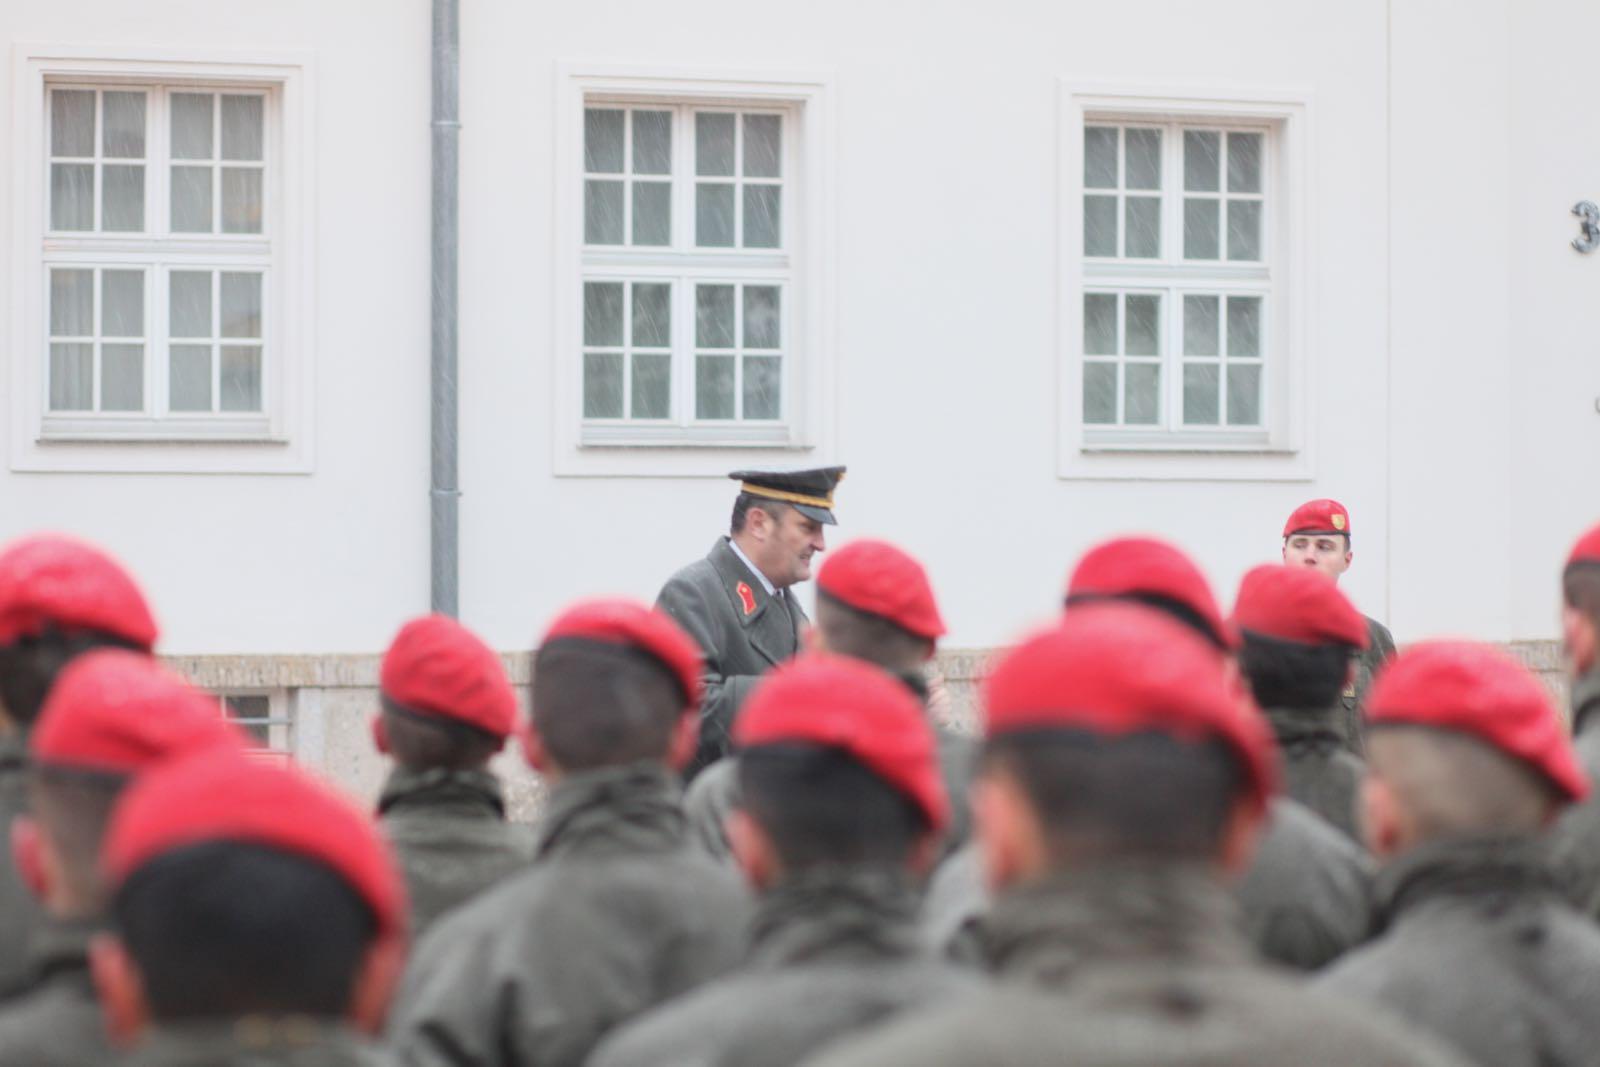 2019_01_18_5Gardekompanie_EVB_EUFOR_Verabschiedung_Einsatz - 7 of 24